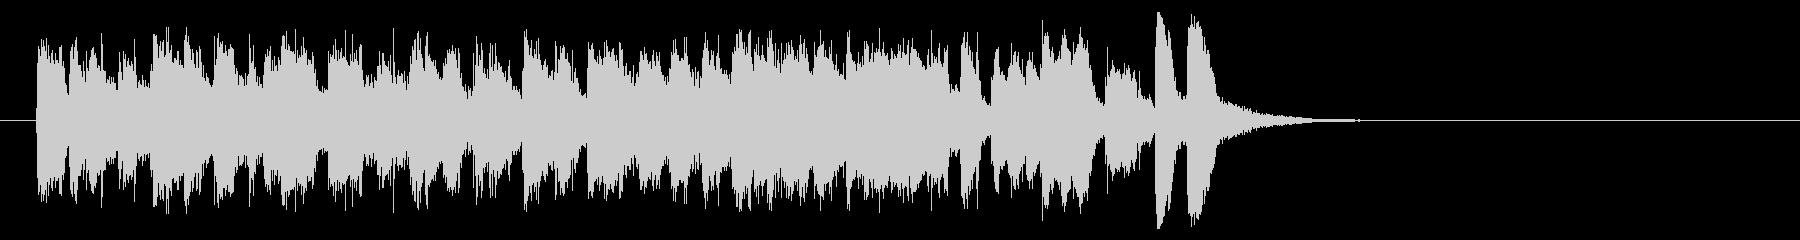 ラテン系フュージョン(サビ)の未再生の波形